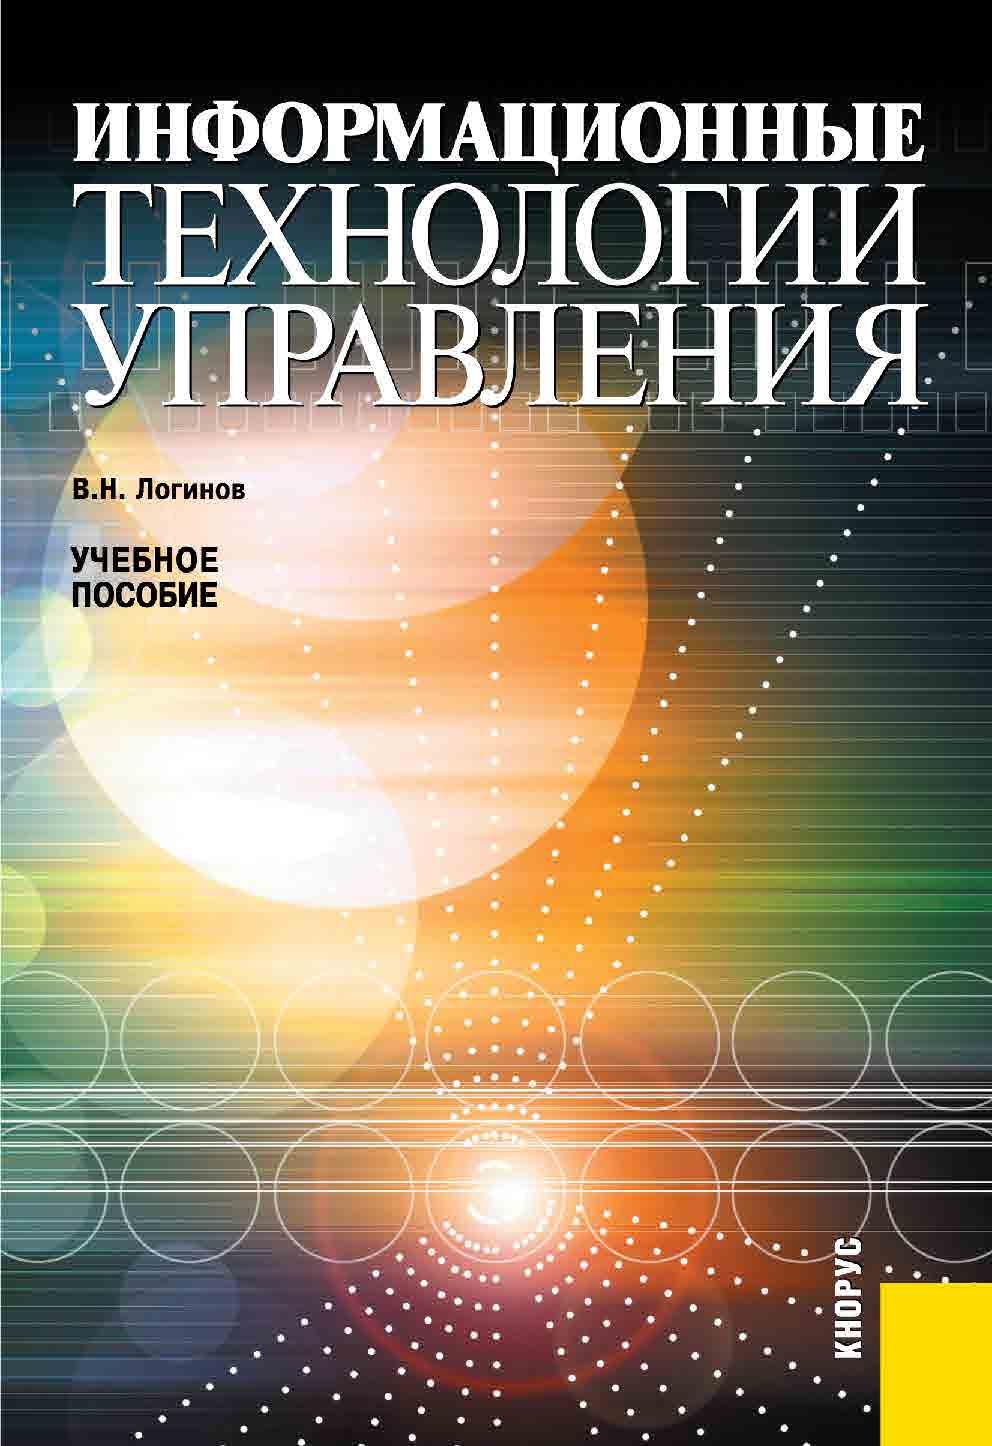 Информационные технологии управления ISBN 978-5-406-01291-8